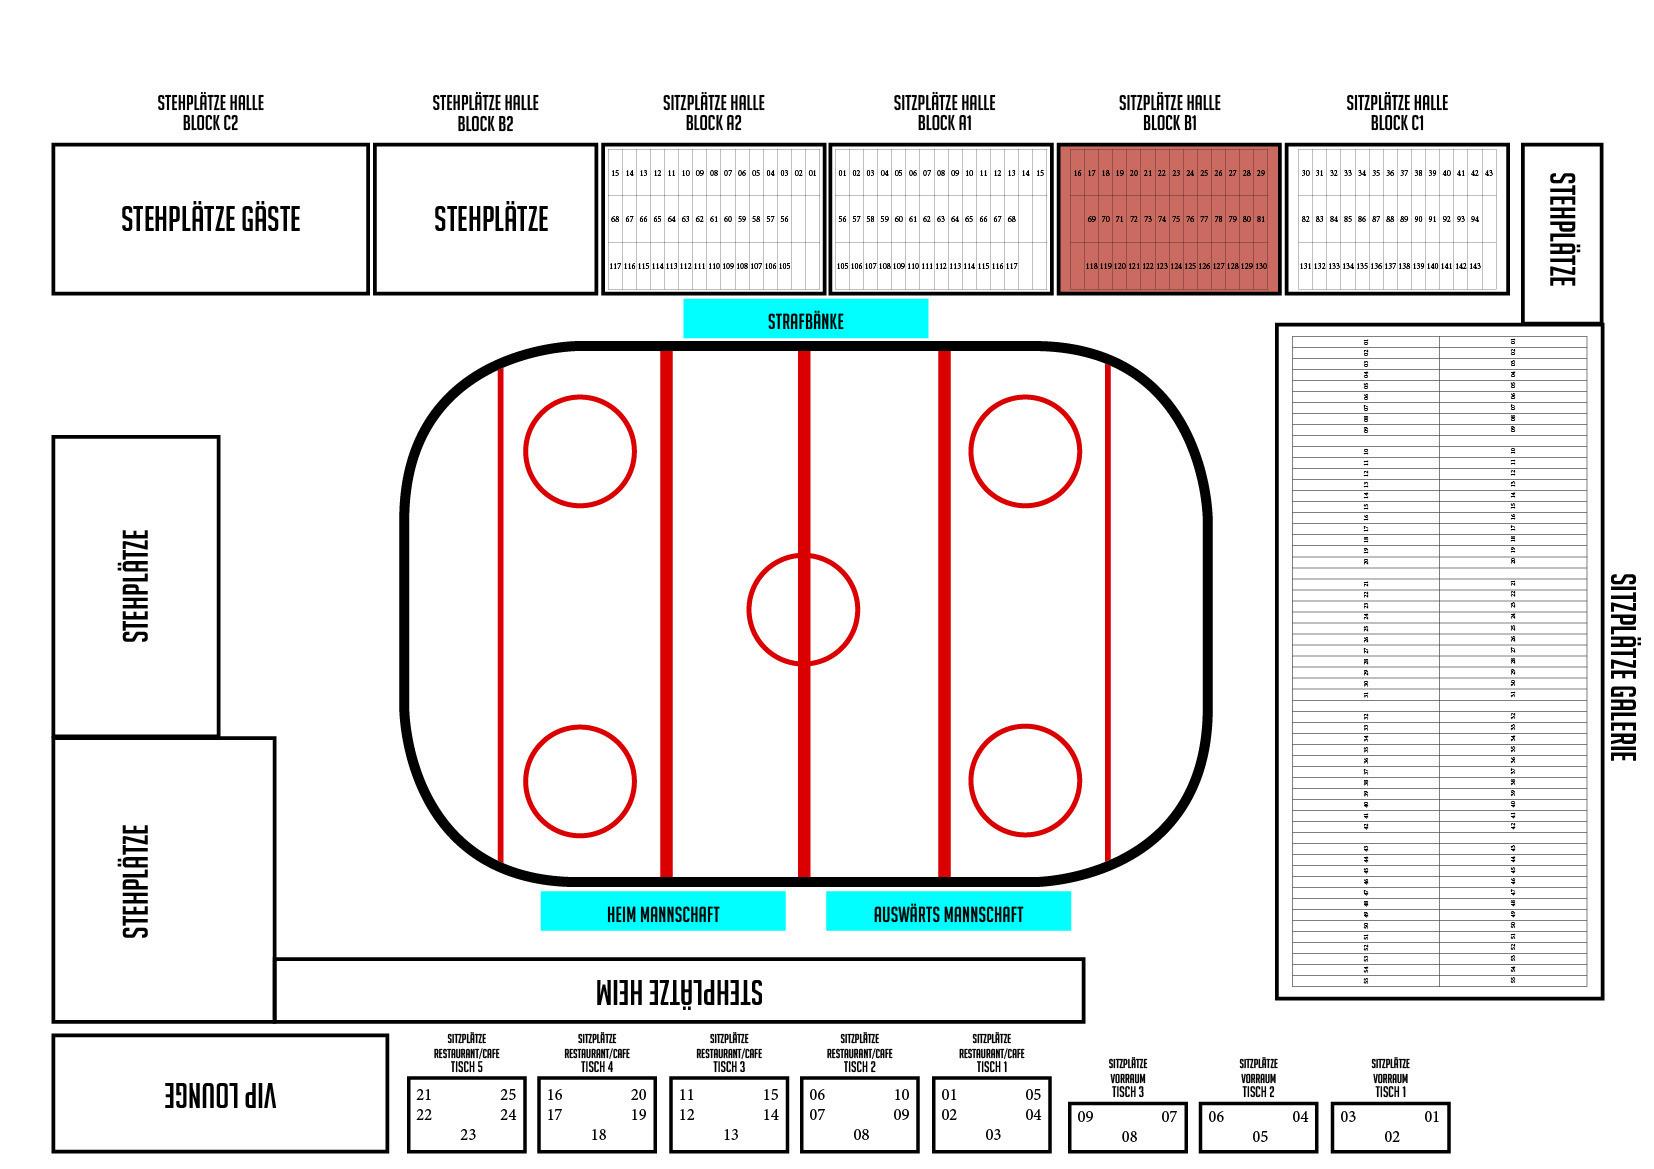 Dauerkarte 2017/18 Sitzplatz BLOCK B1 100331-B1